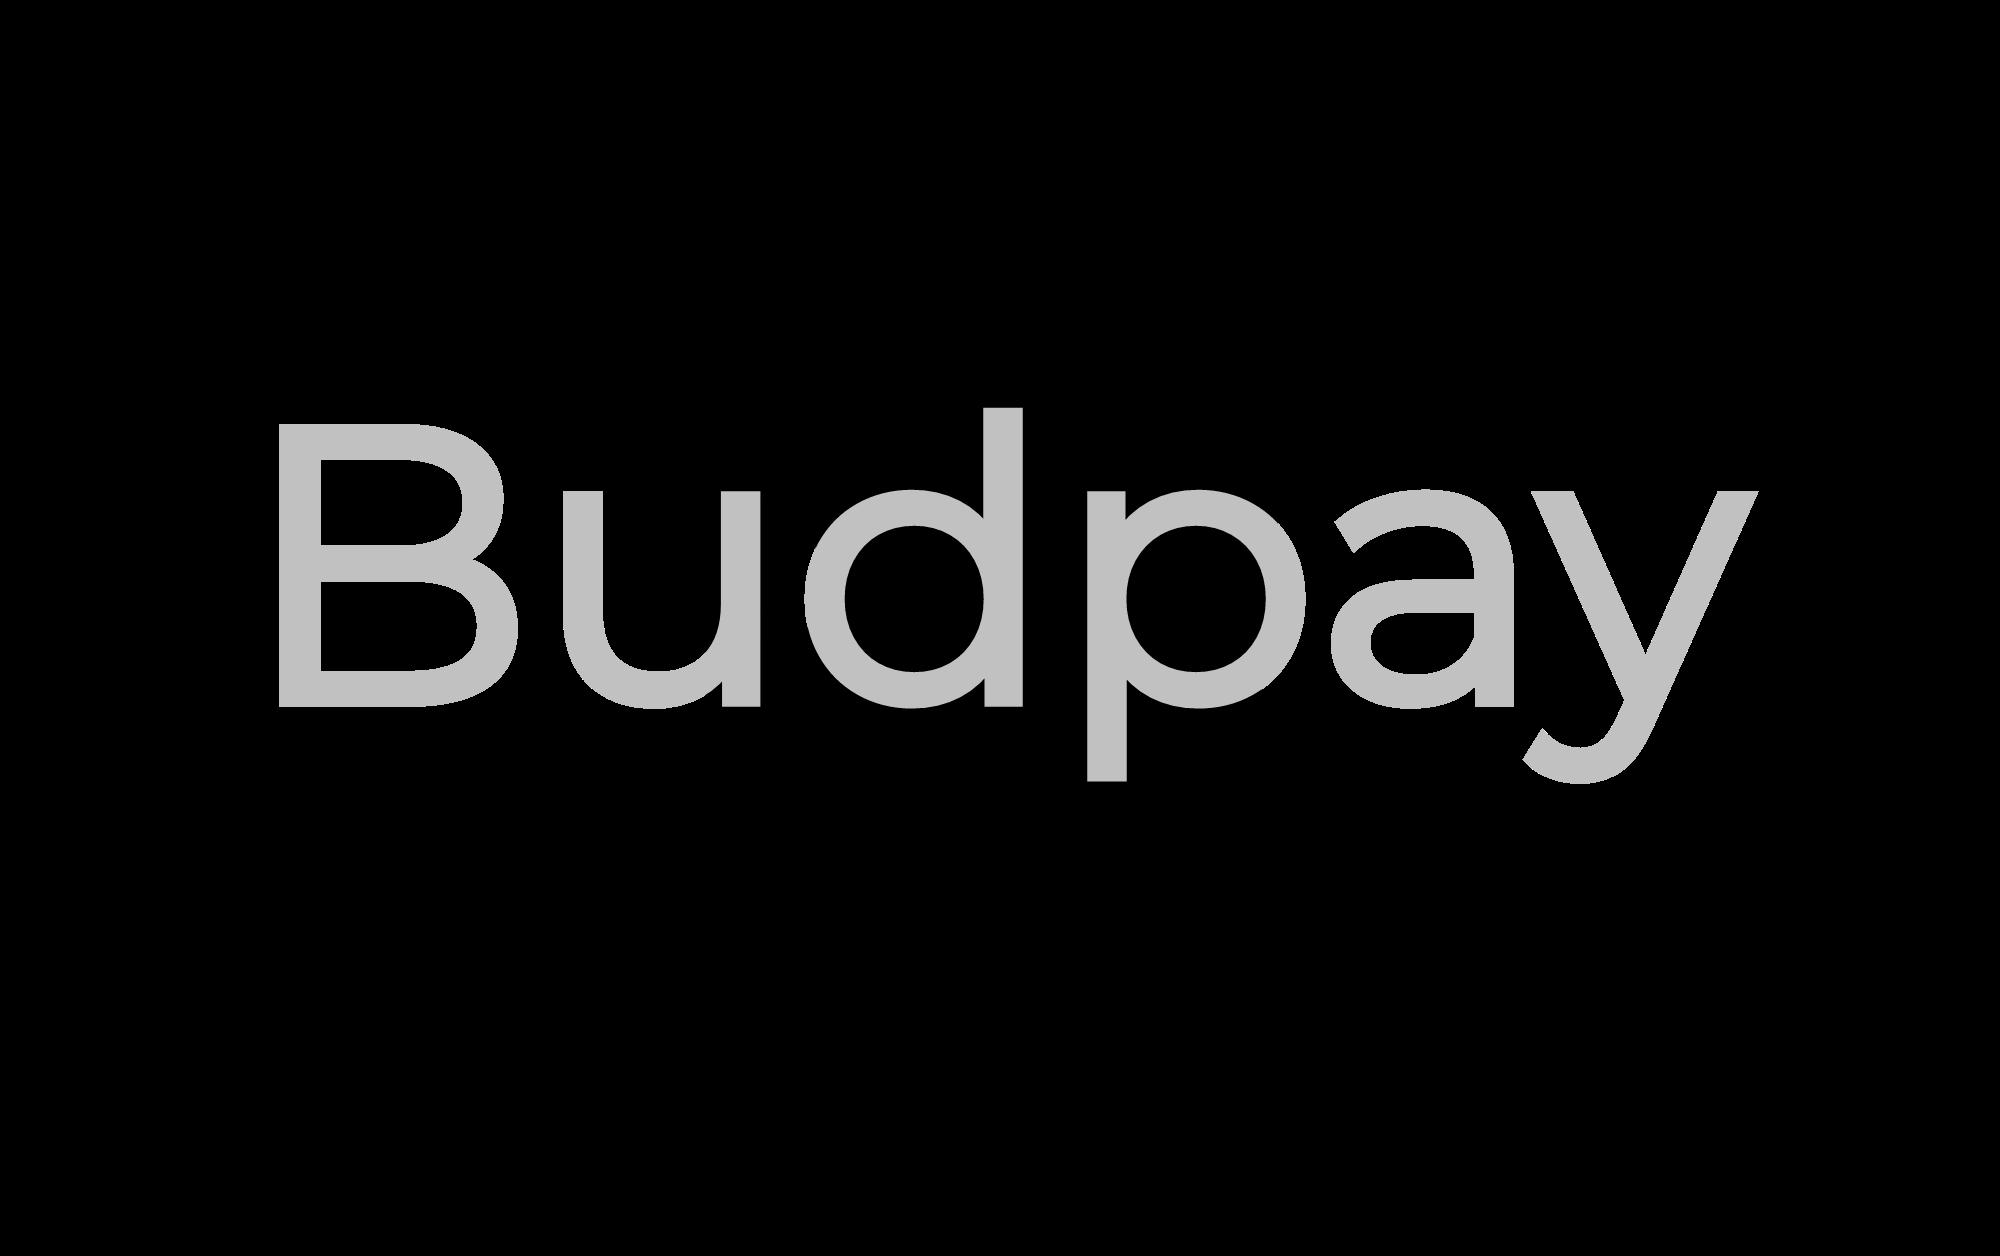 Copy of Copy of Budpay